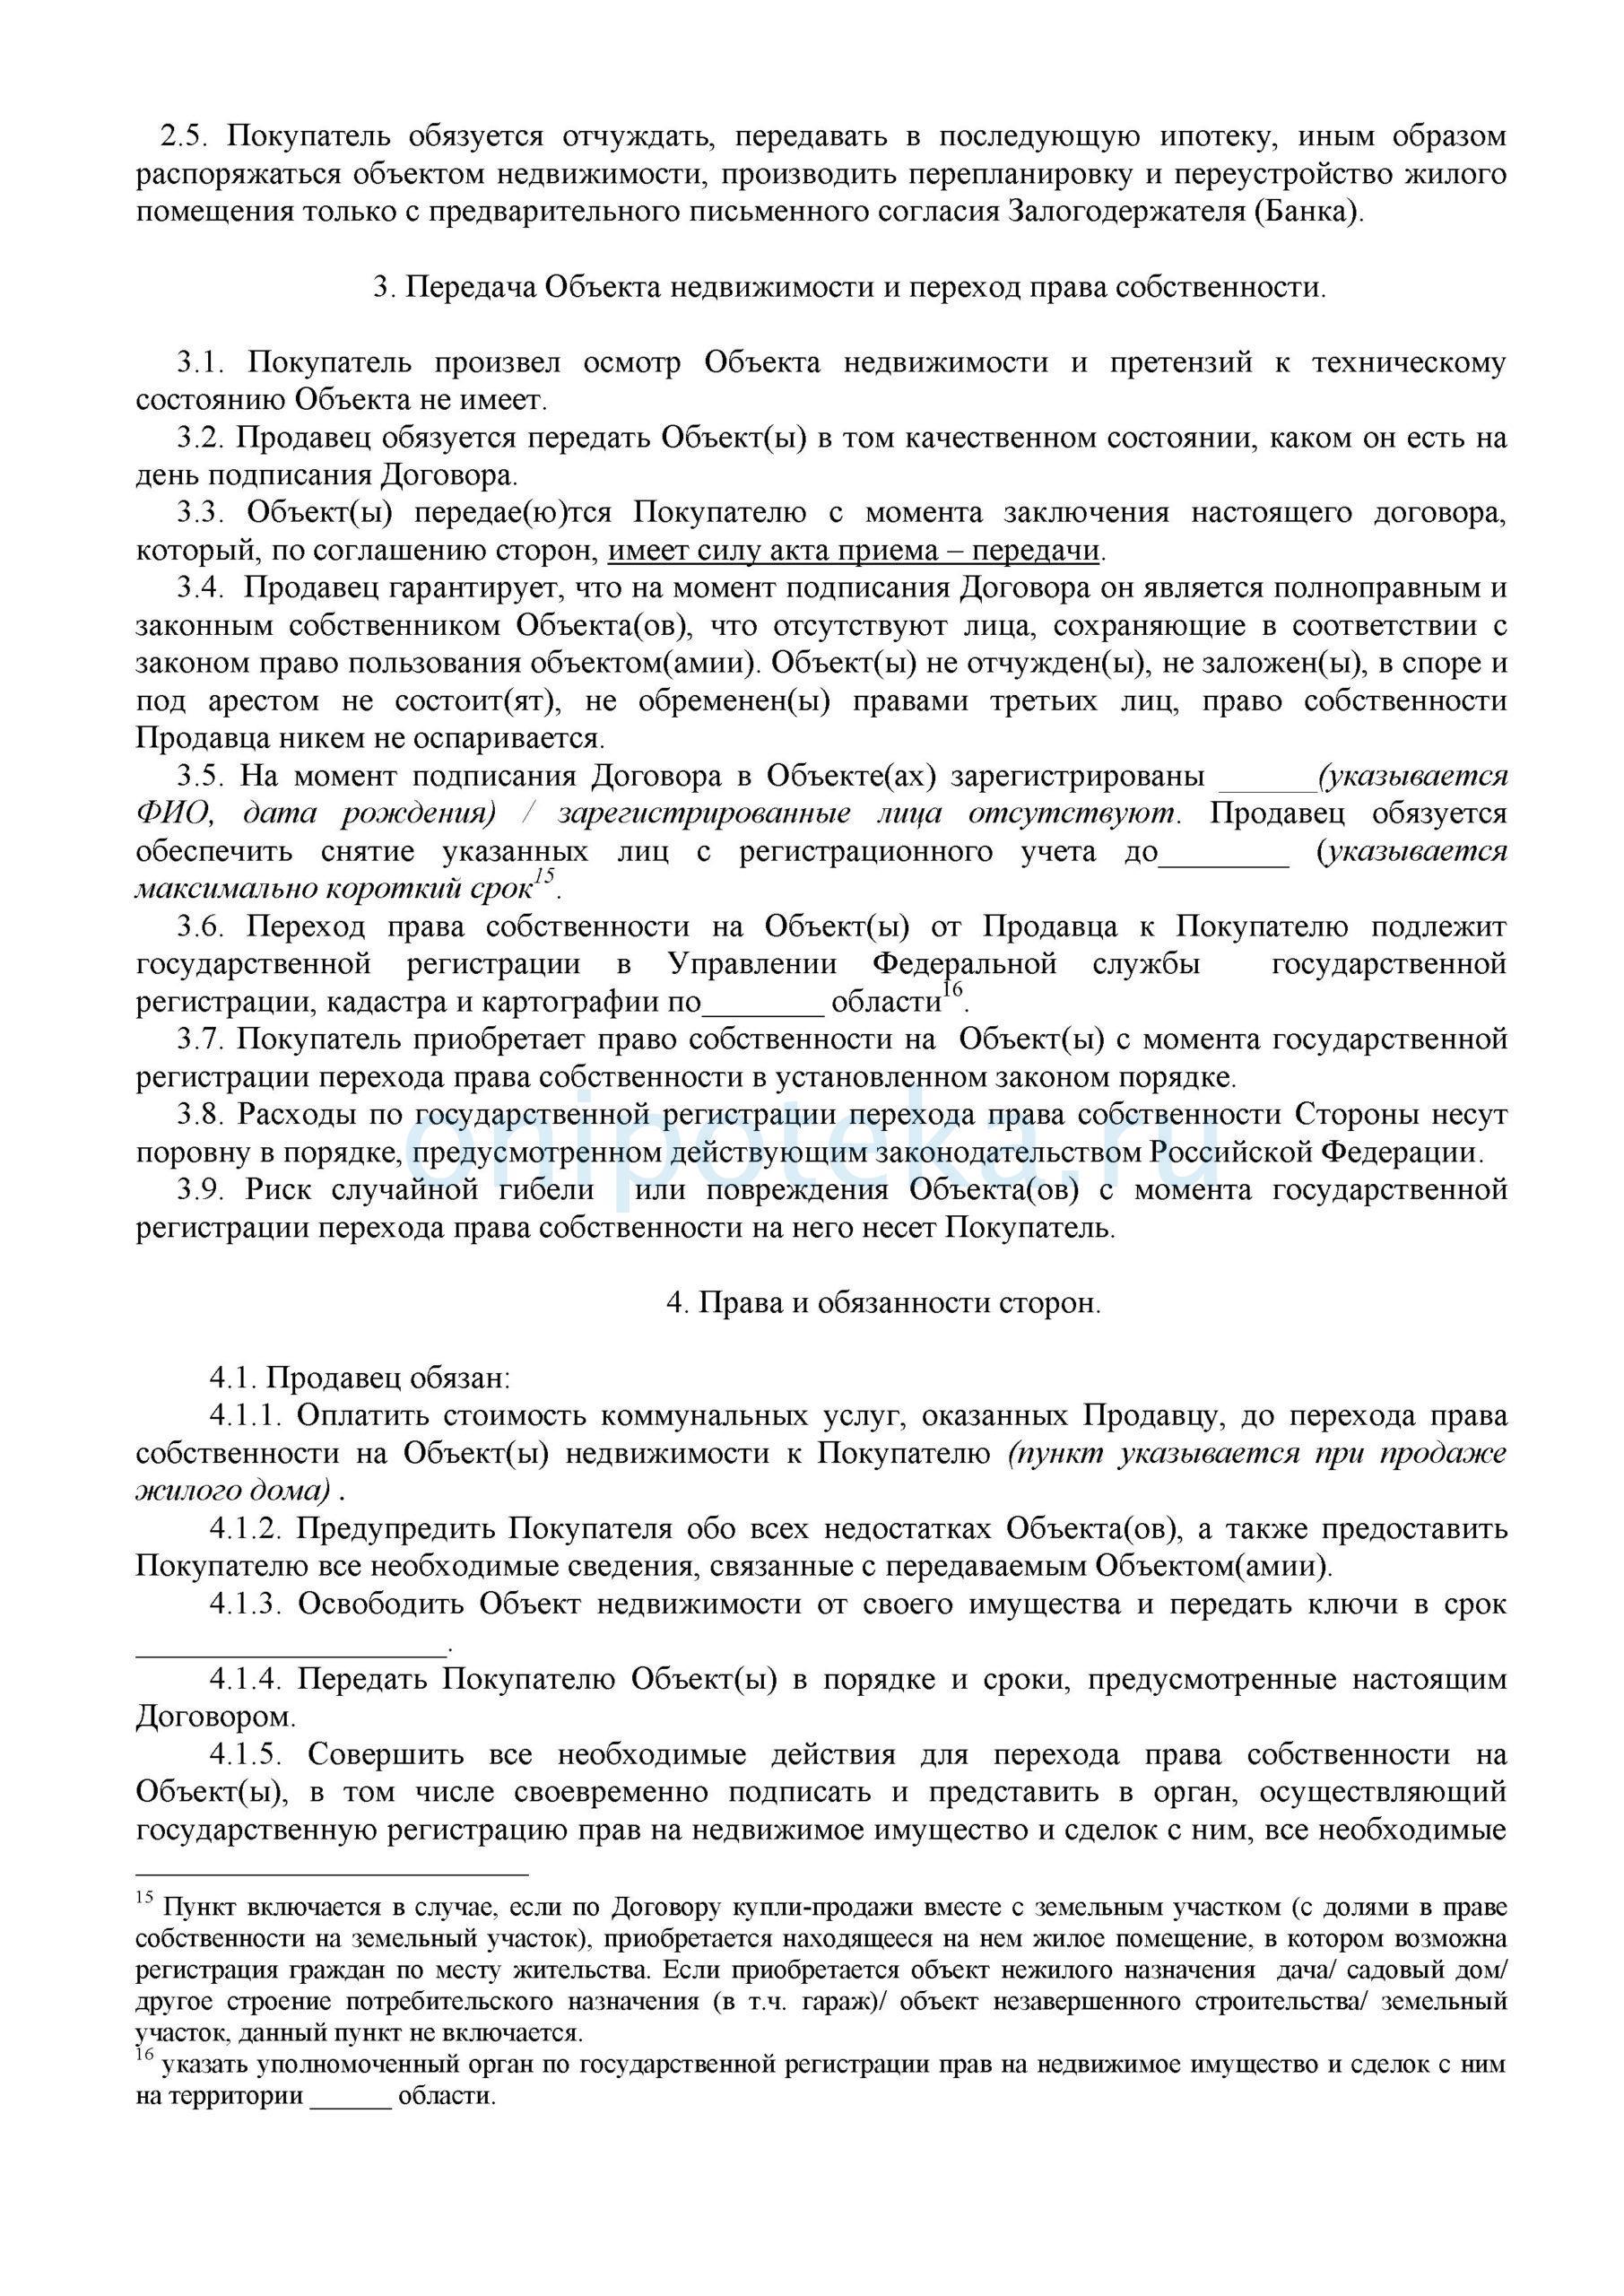 Проект договора купли-продажи дачи в ипотеку Сбербанка -2